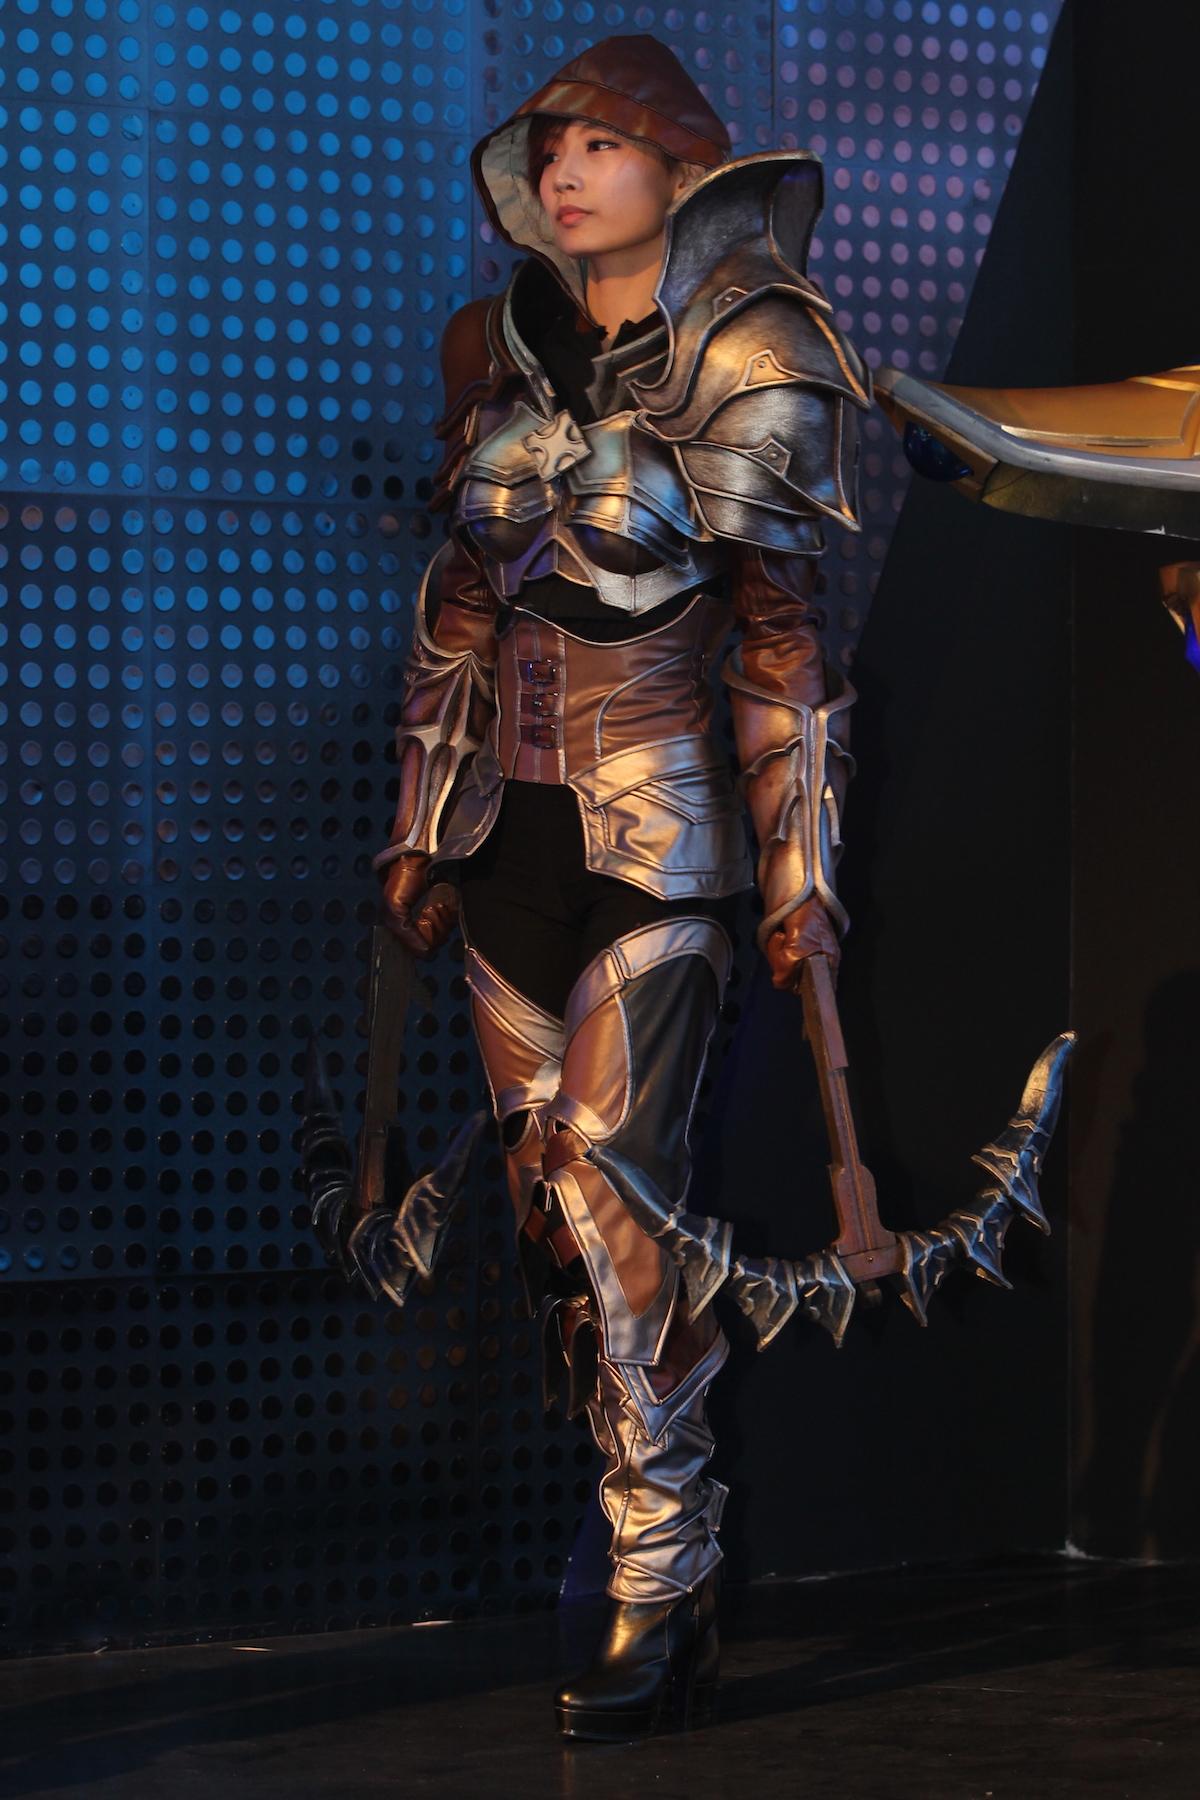 另一位新人药炜带来了星际争霸传奇英雄塔萨达